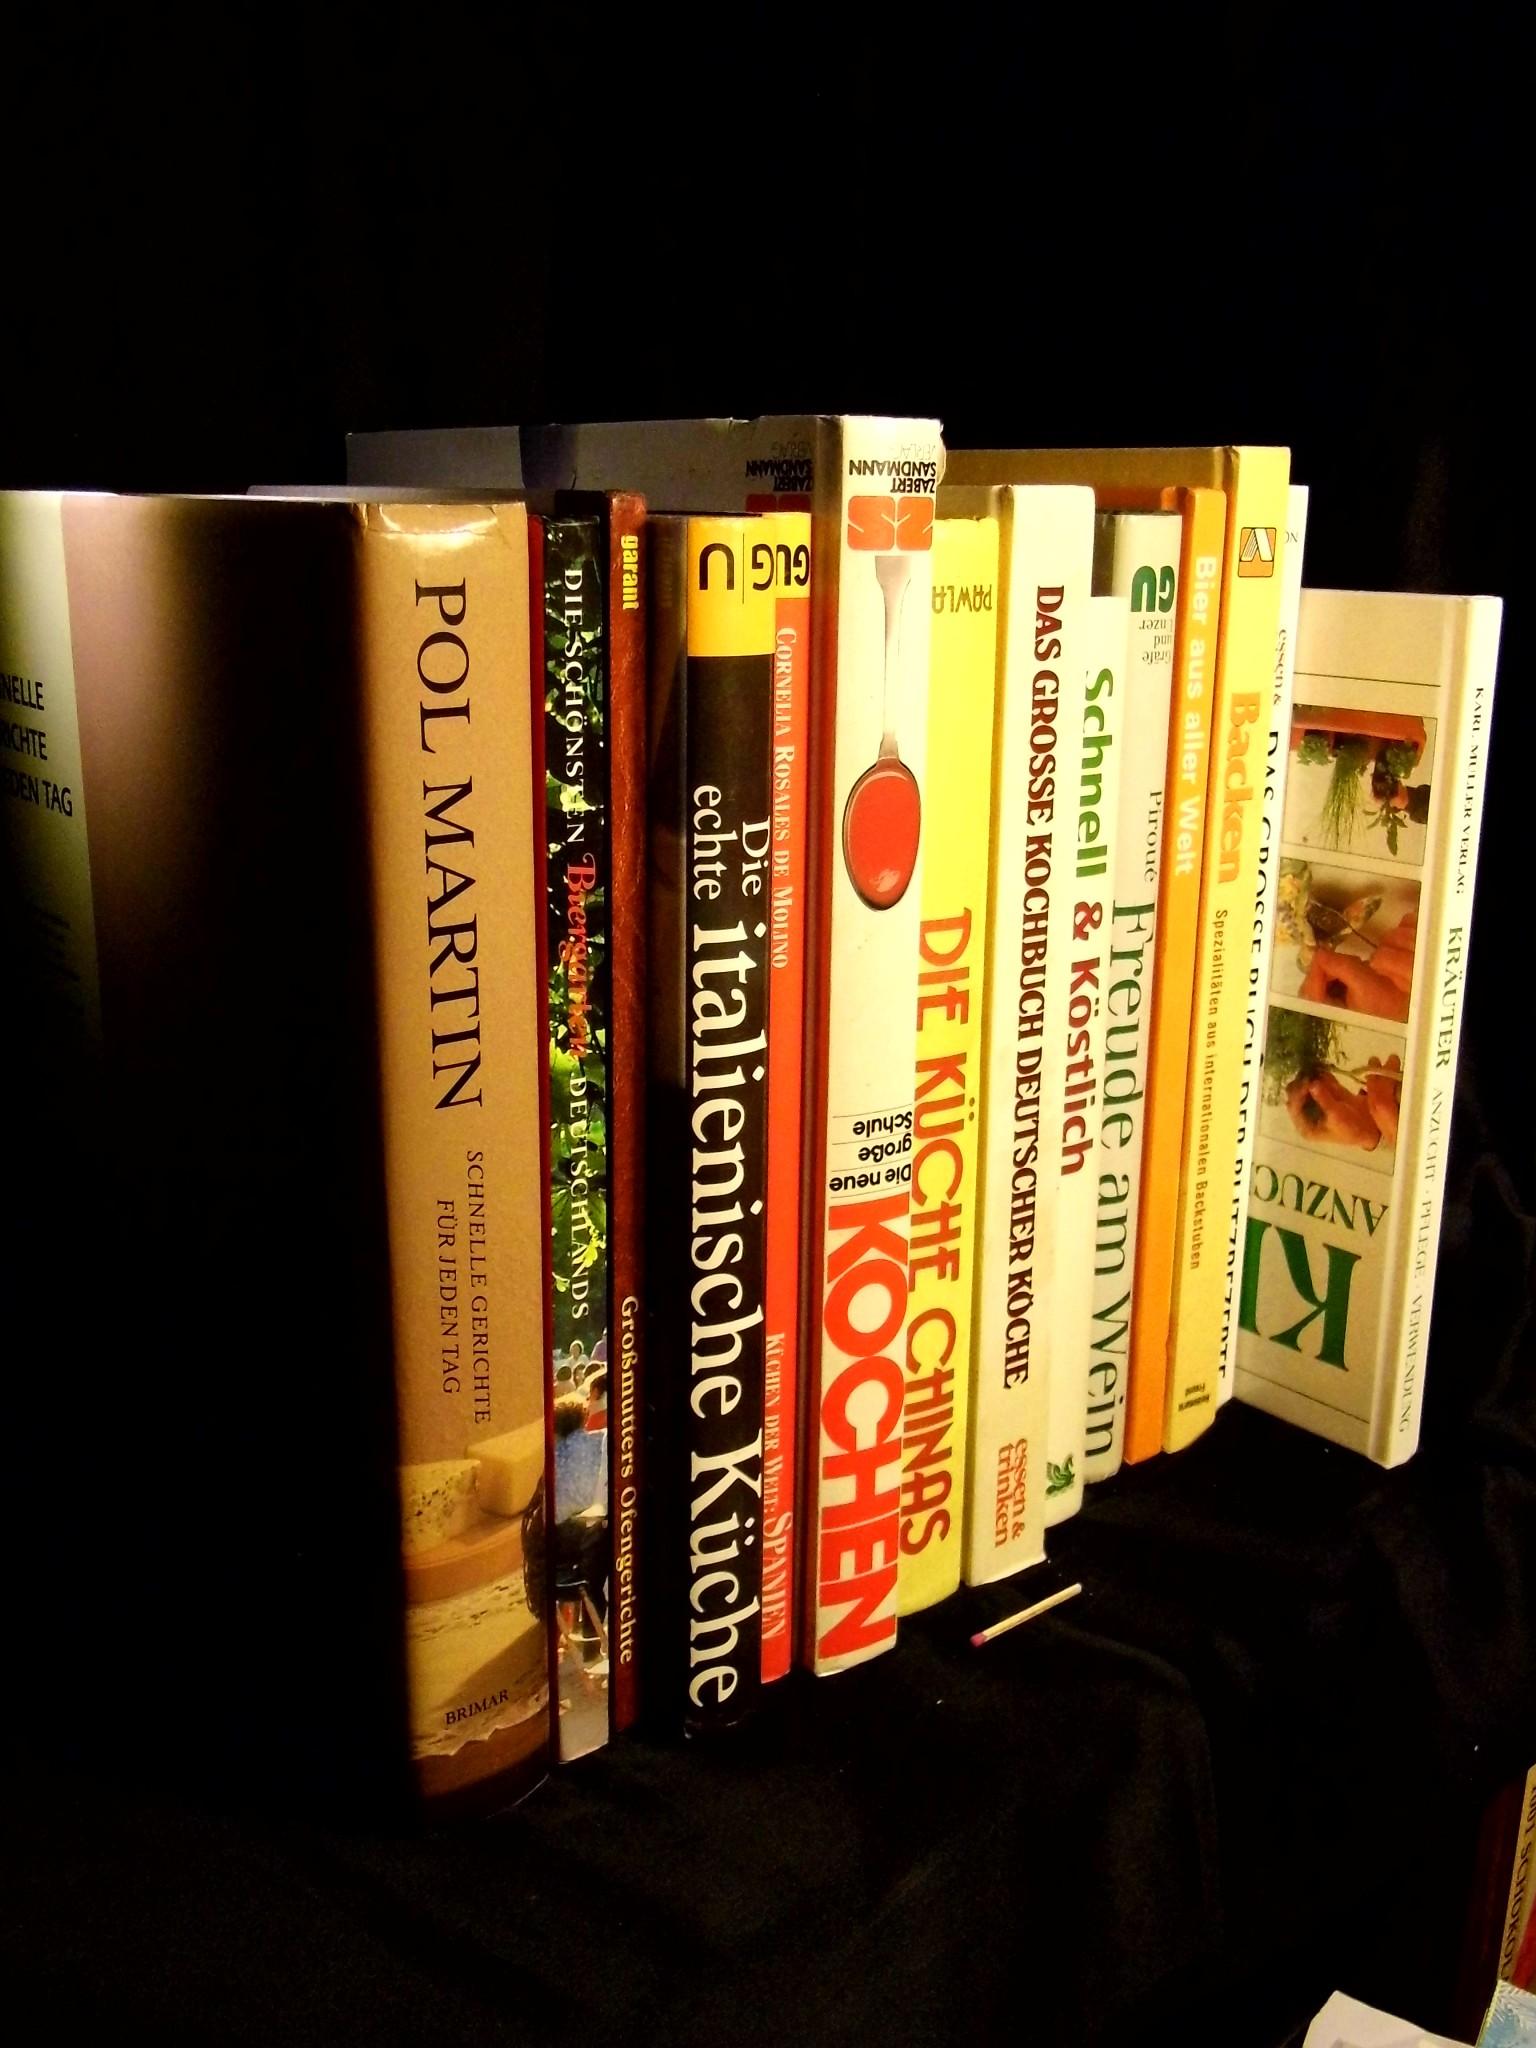 Sammlung) Kochen, Backen, Trinken, Ernährung, Kochbücher (28 Bücher) -